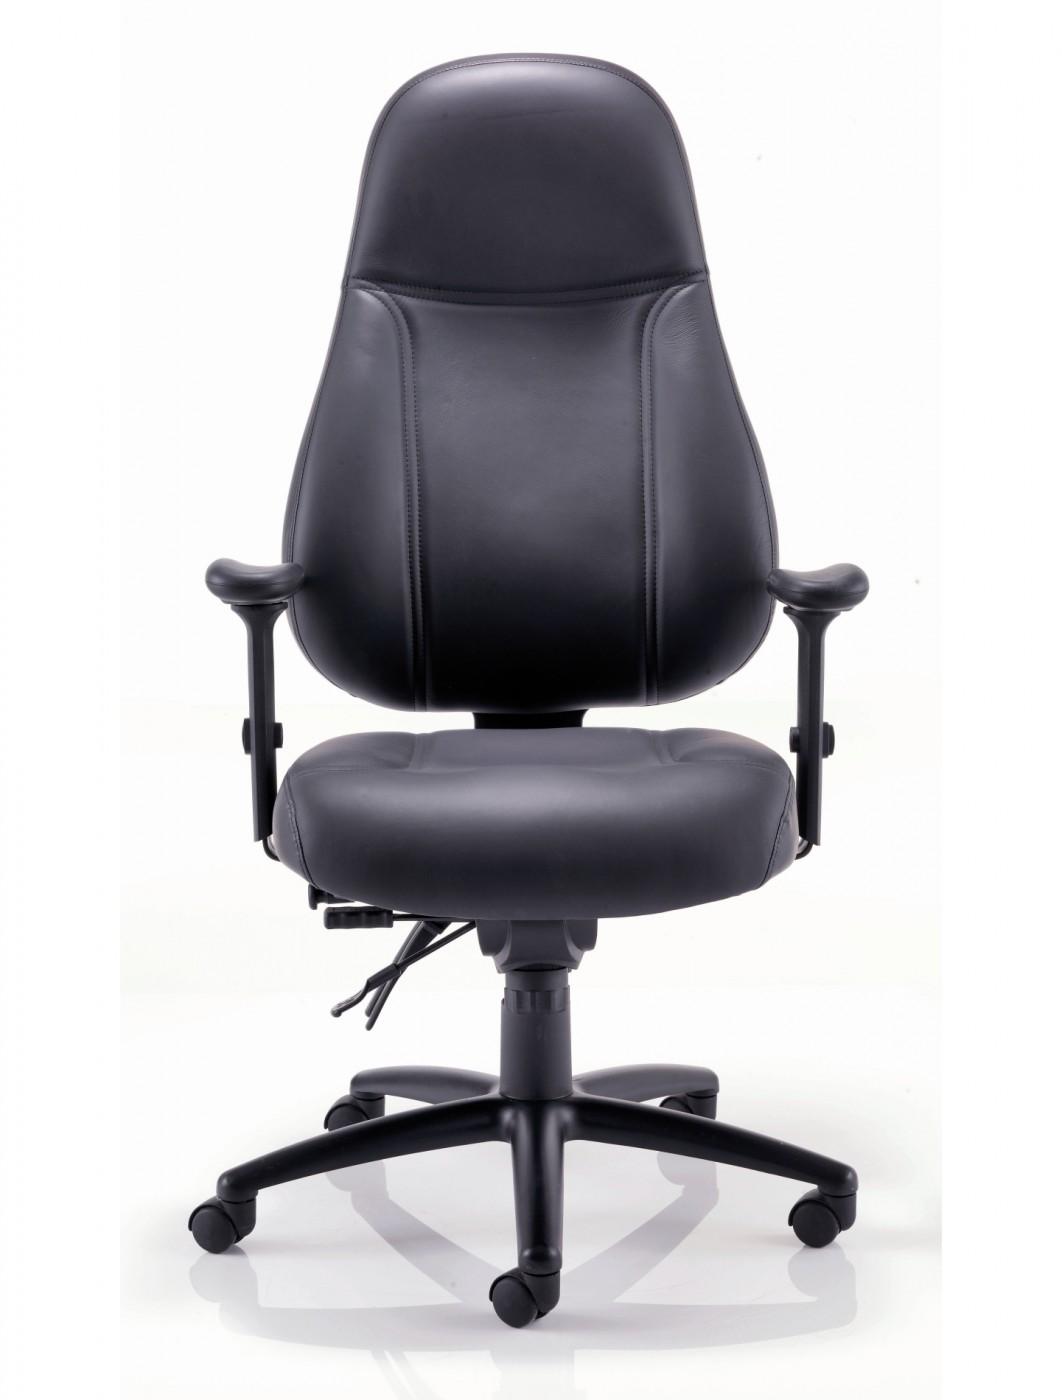 74 Cheetah Heavy Duty Fabric Office Chair Ch1111 Tc